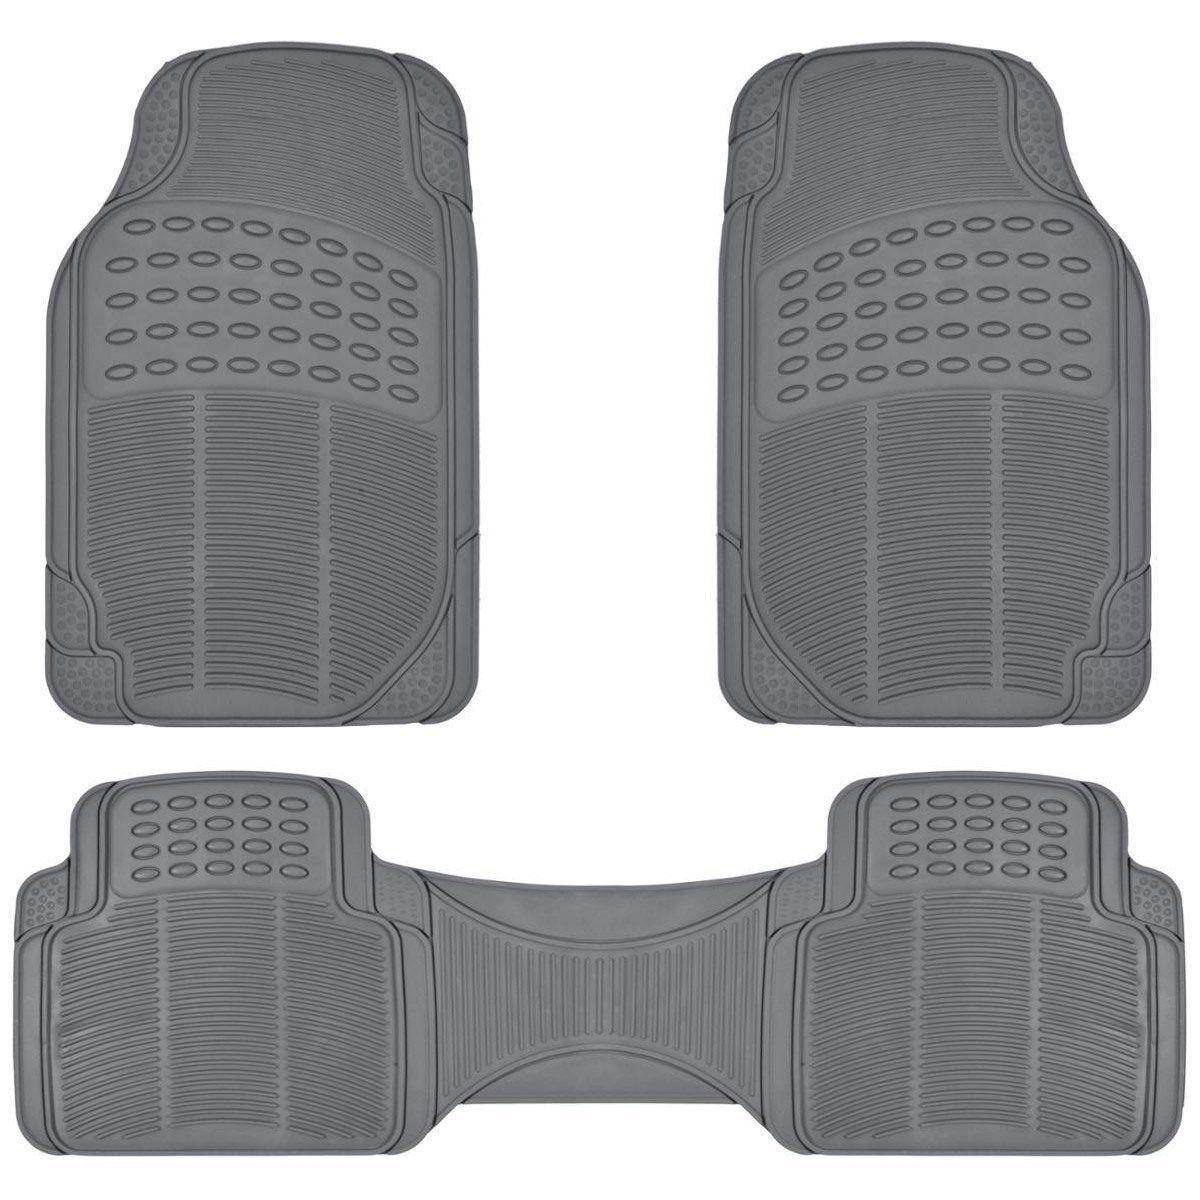 Weathertech floor mats amazon ca - Amazon Com Proliner Gray All Weather Rubber Auto Floor Mats Liner Heavy Duty